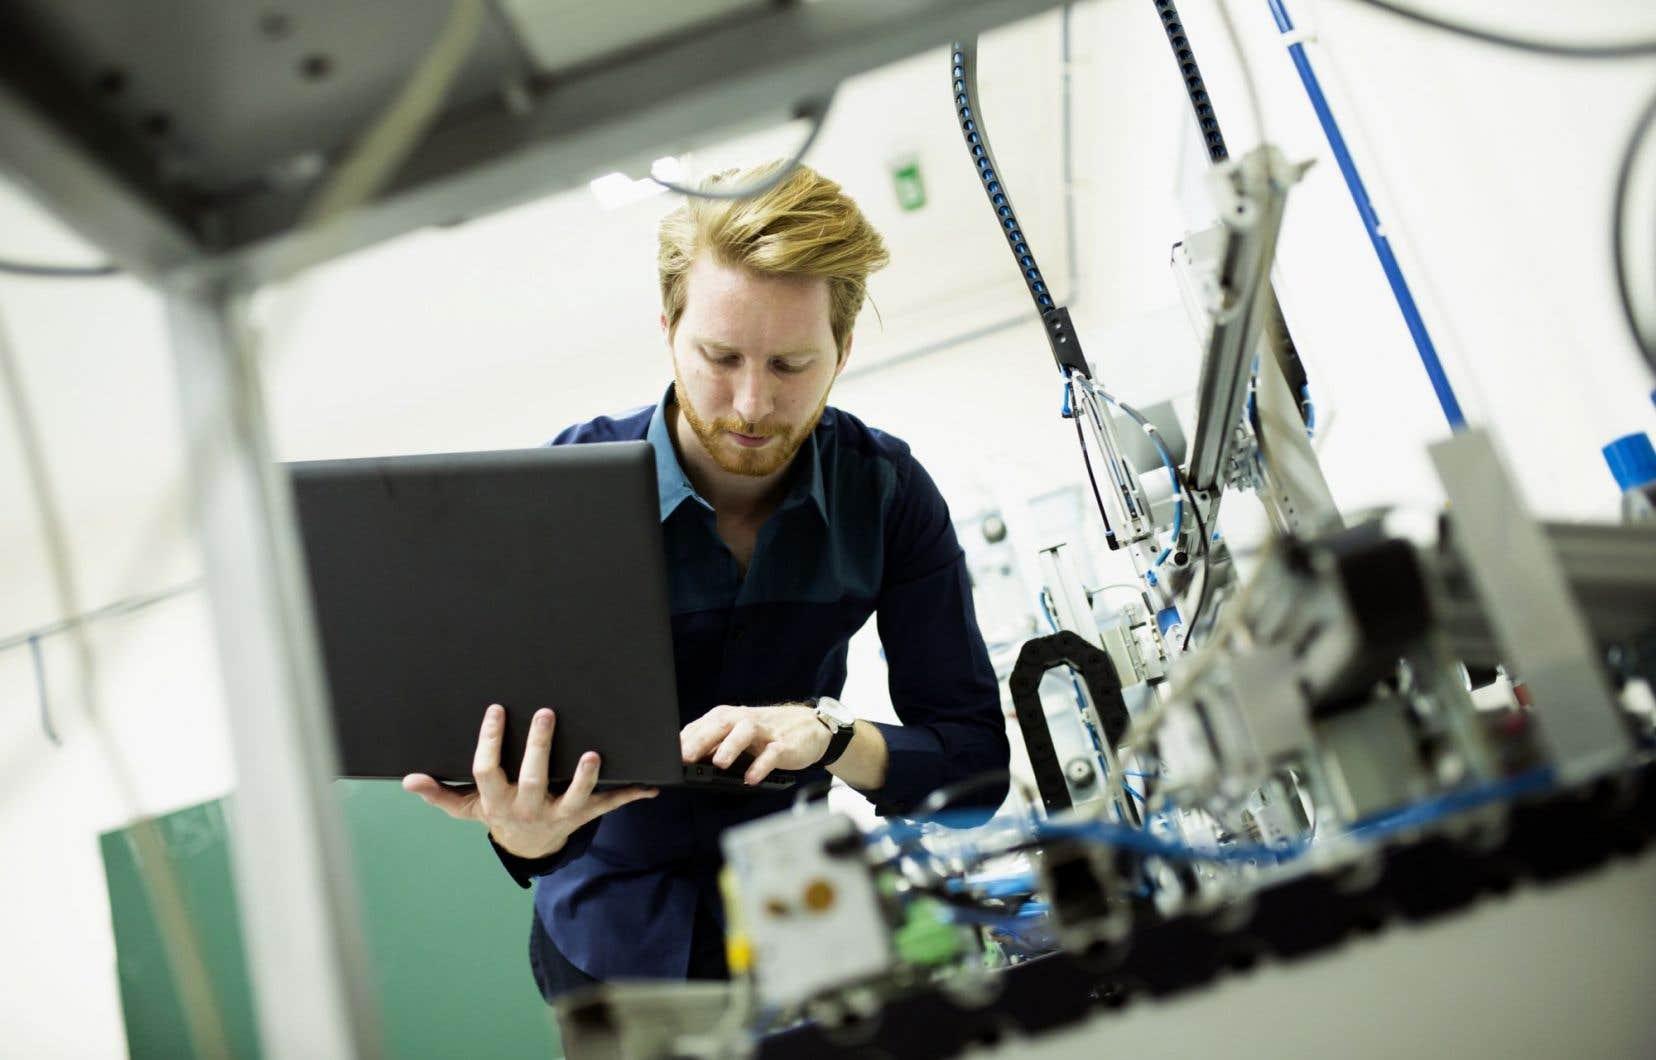 L'innovation tant célébrée pour l'industrie devrait avoir son équivalent en éducation.